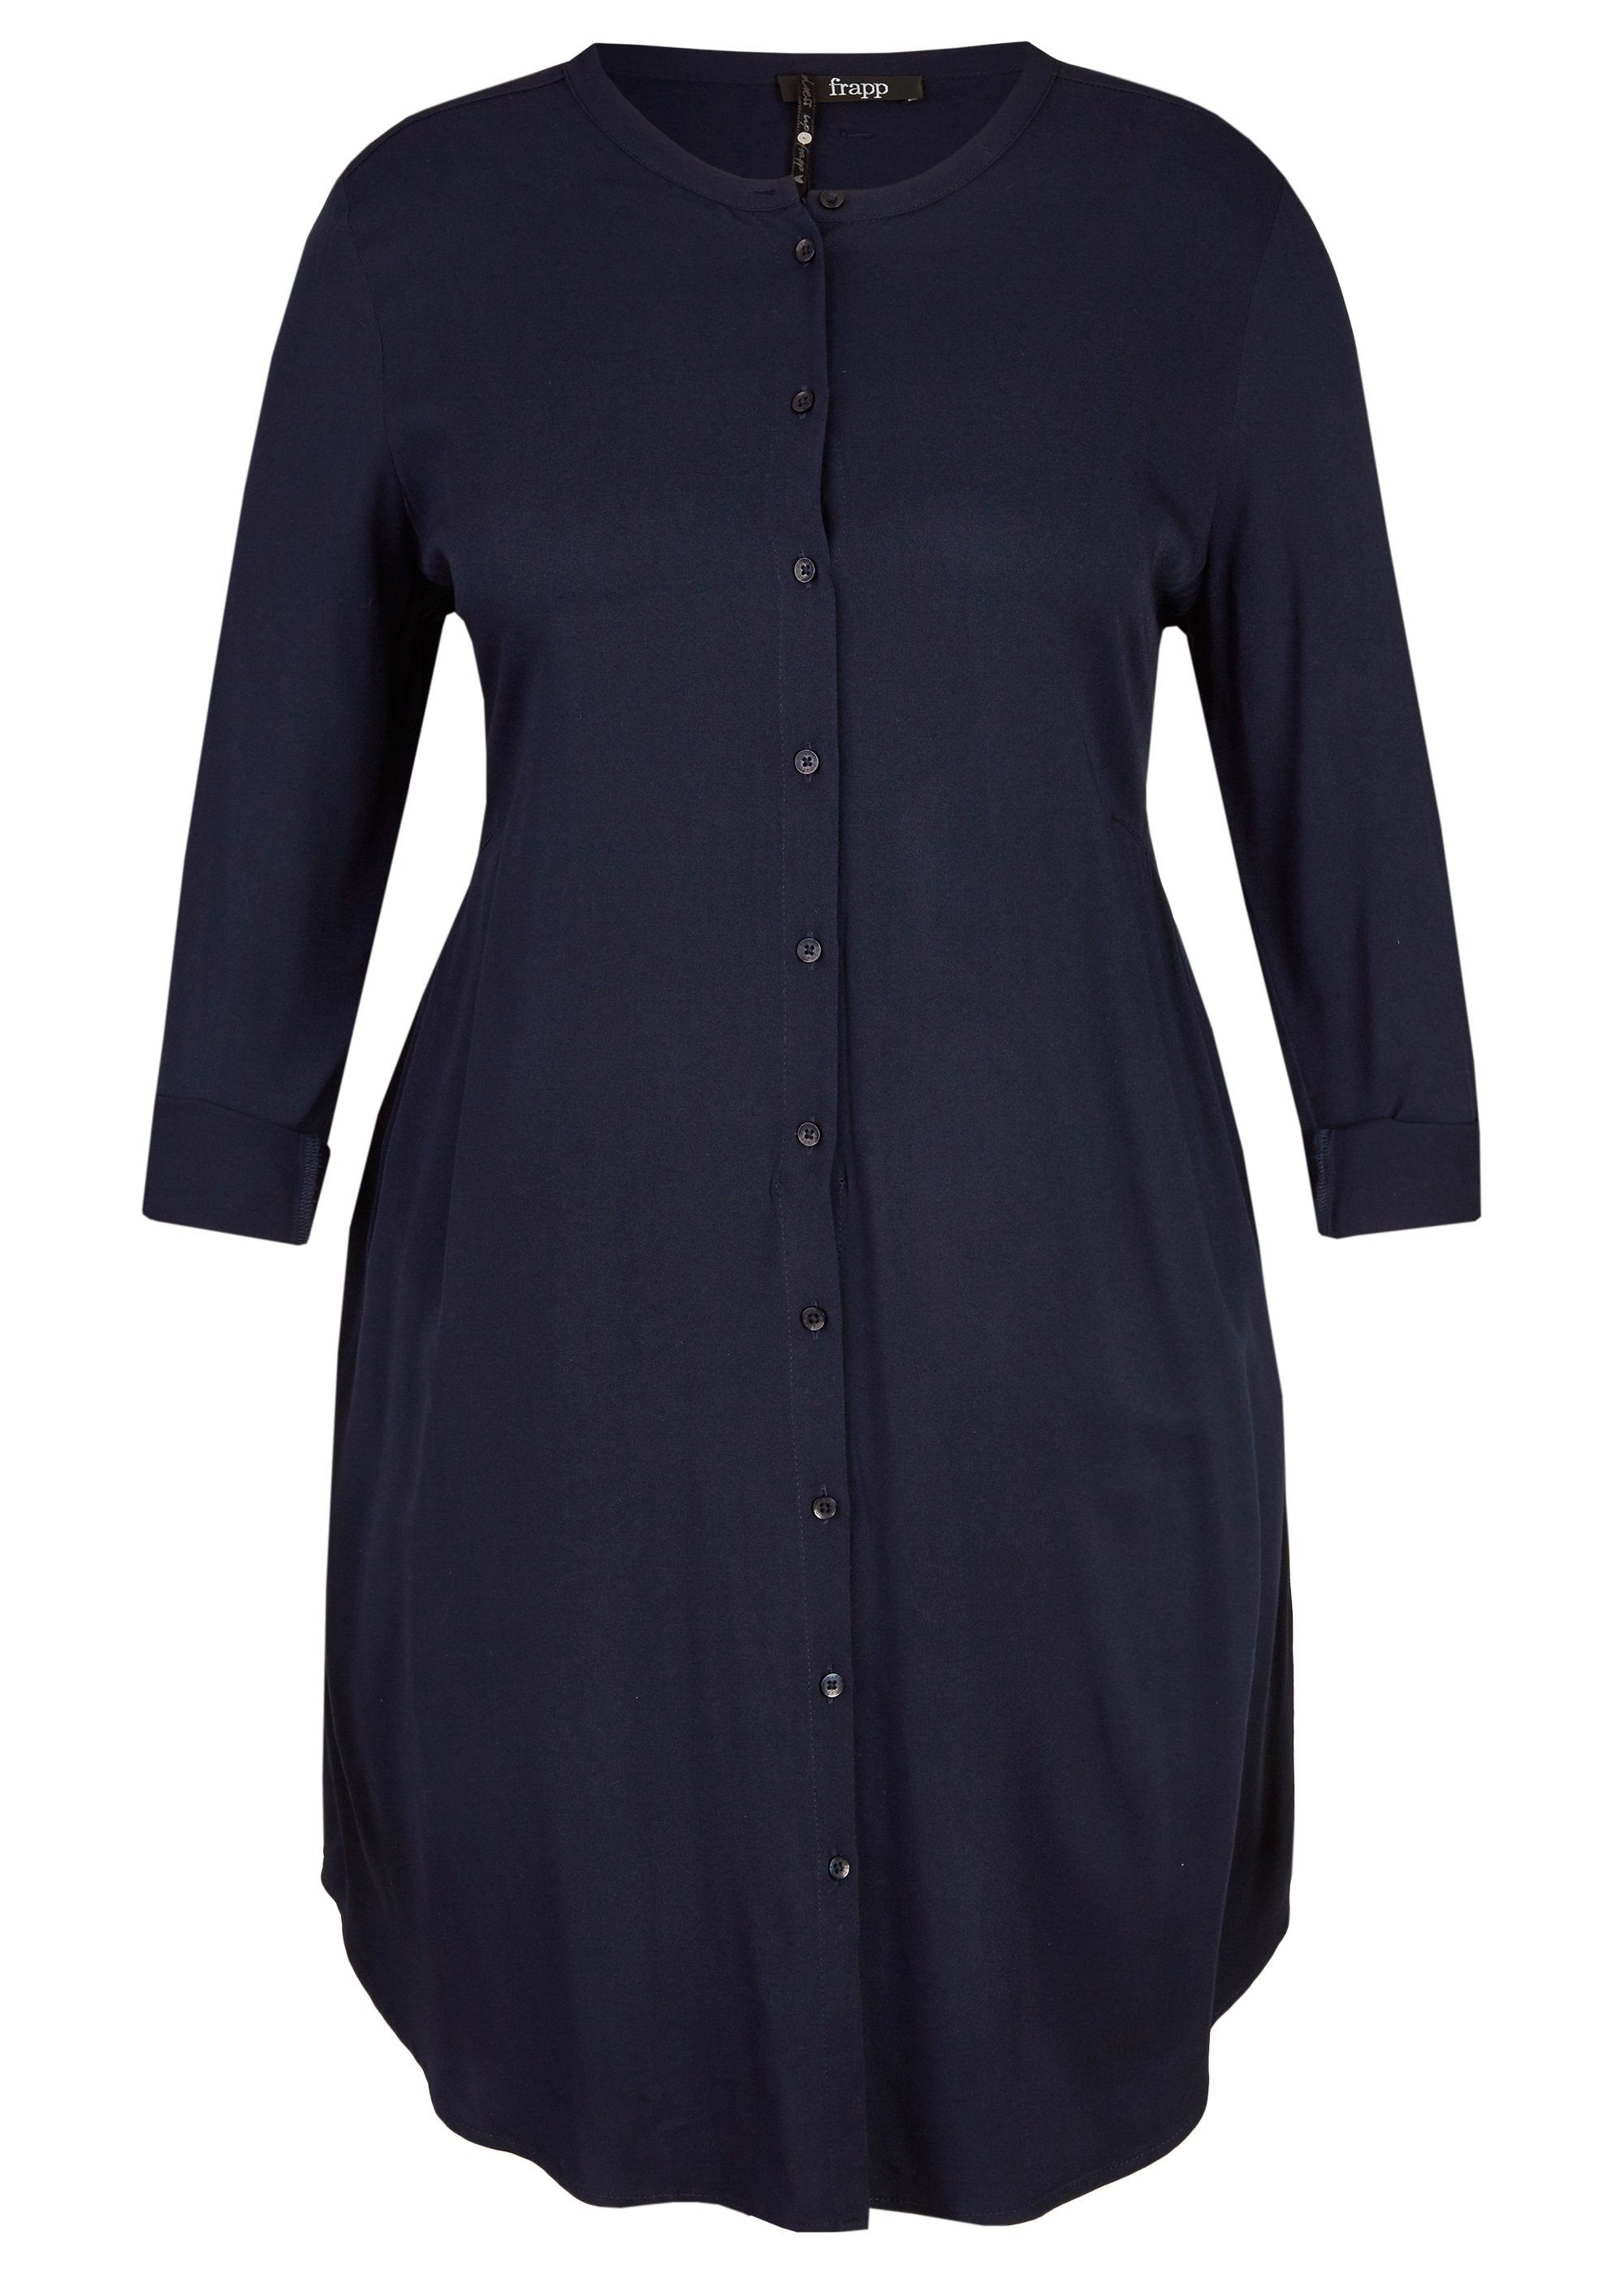 frapp -  Schlichtes Hemd-Kleid mit Knopfleiste